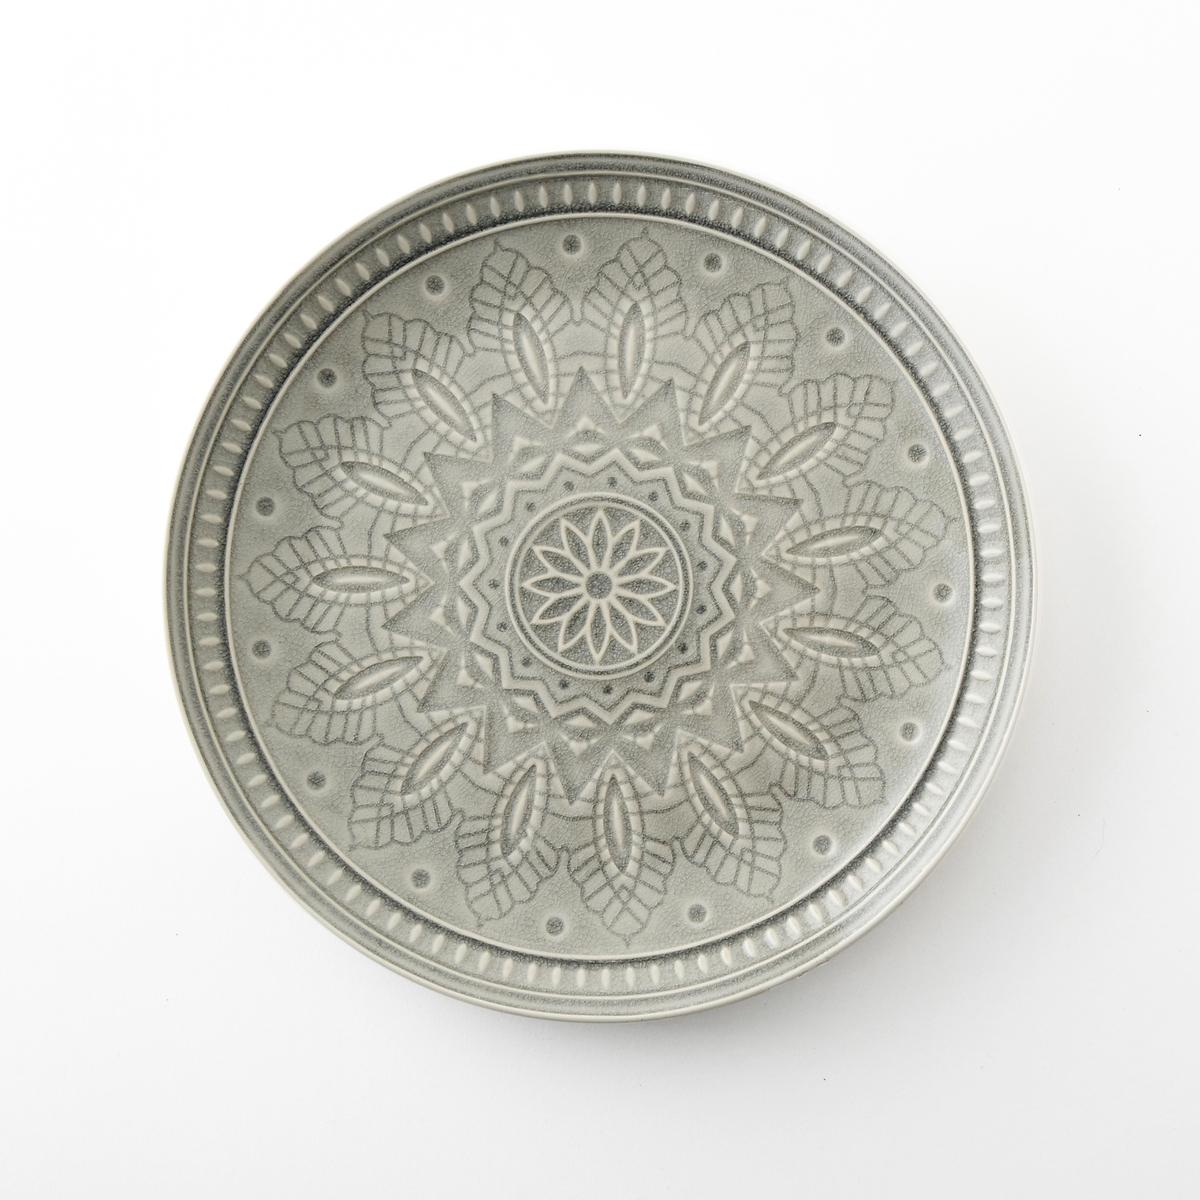 Комплект из 4 мелких тарелок из керамики Nicolosi4 мелких тарелки Nicolosi. Из керамики с трещинами глазури. Рельефный рисунок. Подходит для посудомоечных машин. Размеры : диаметр 26,7 x высота 3 см.<br><br>Цвет: бирюзовый,серый<br>Размер: единый размер